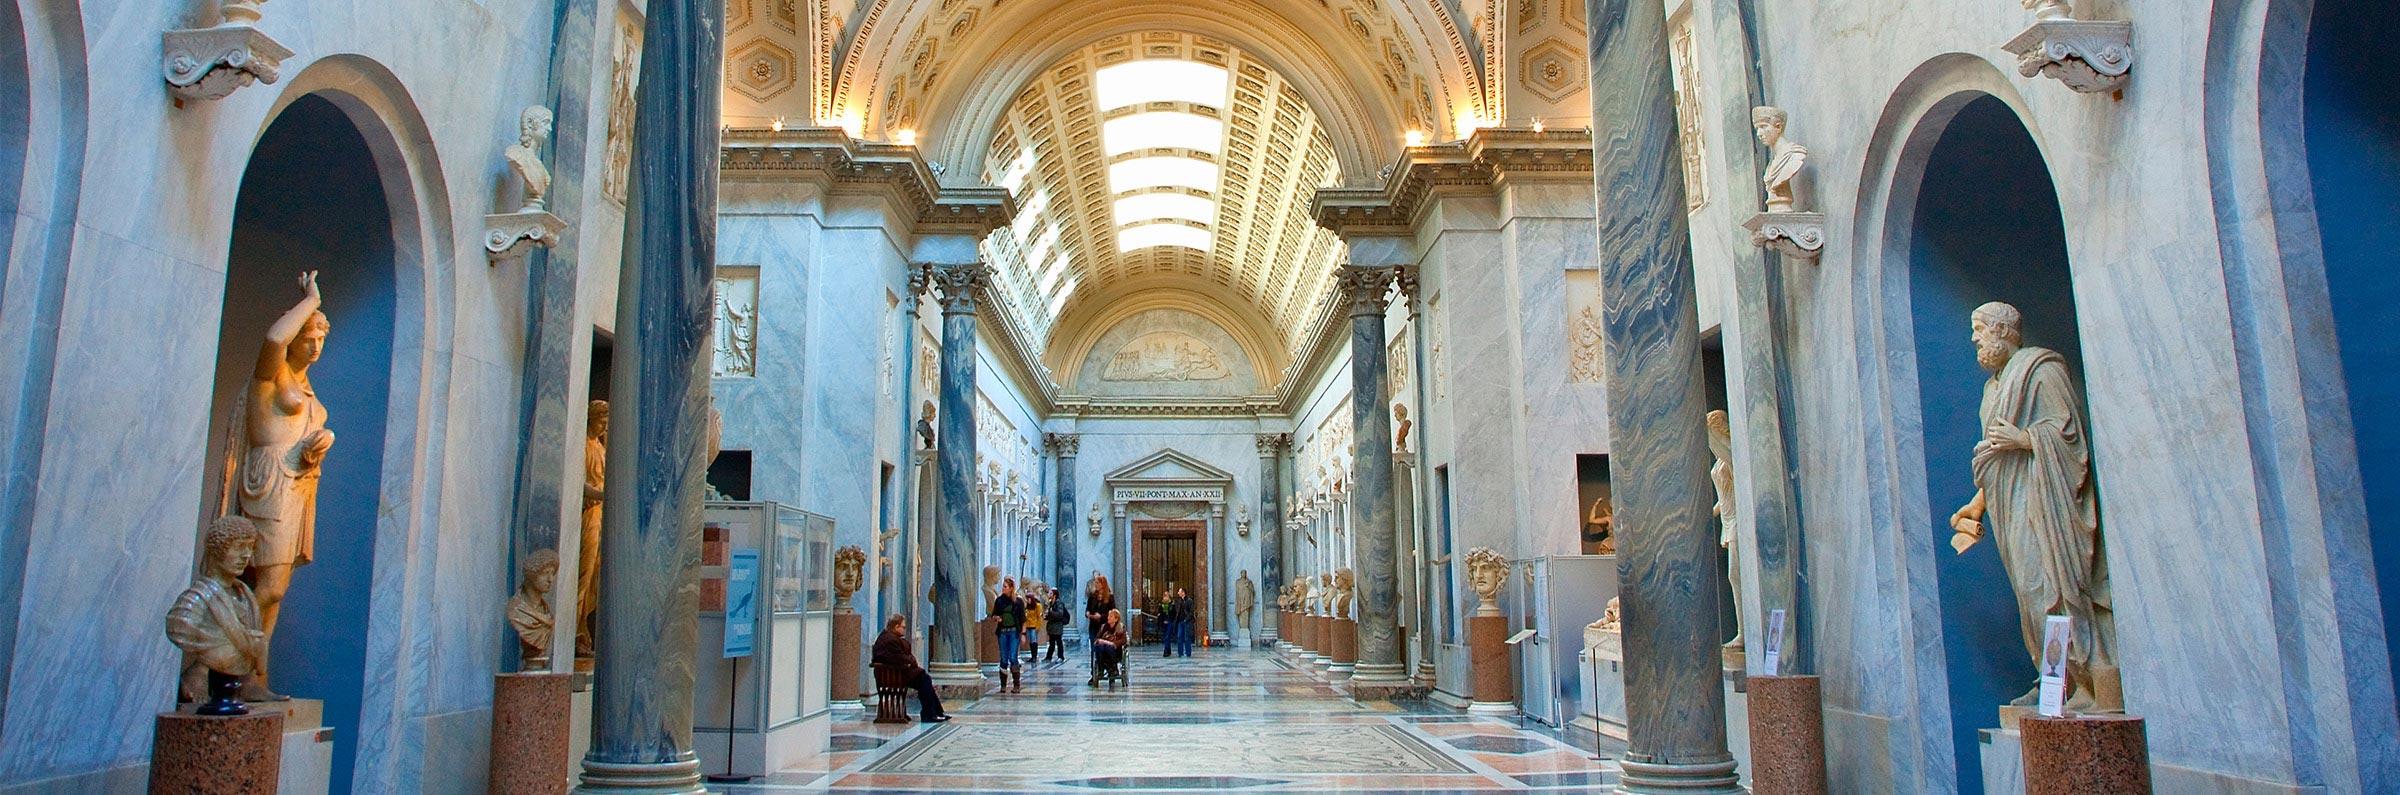 Arte e cultura in Roma